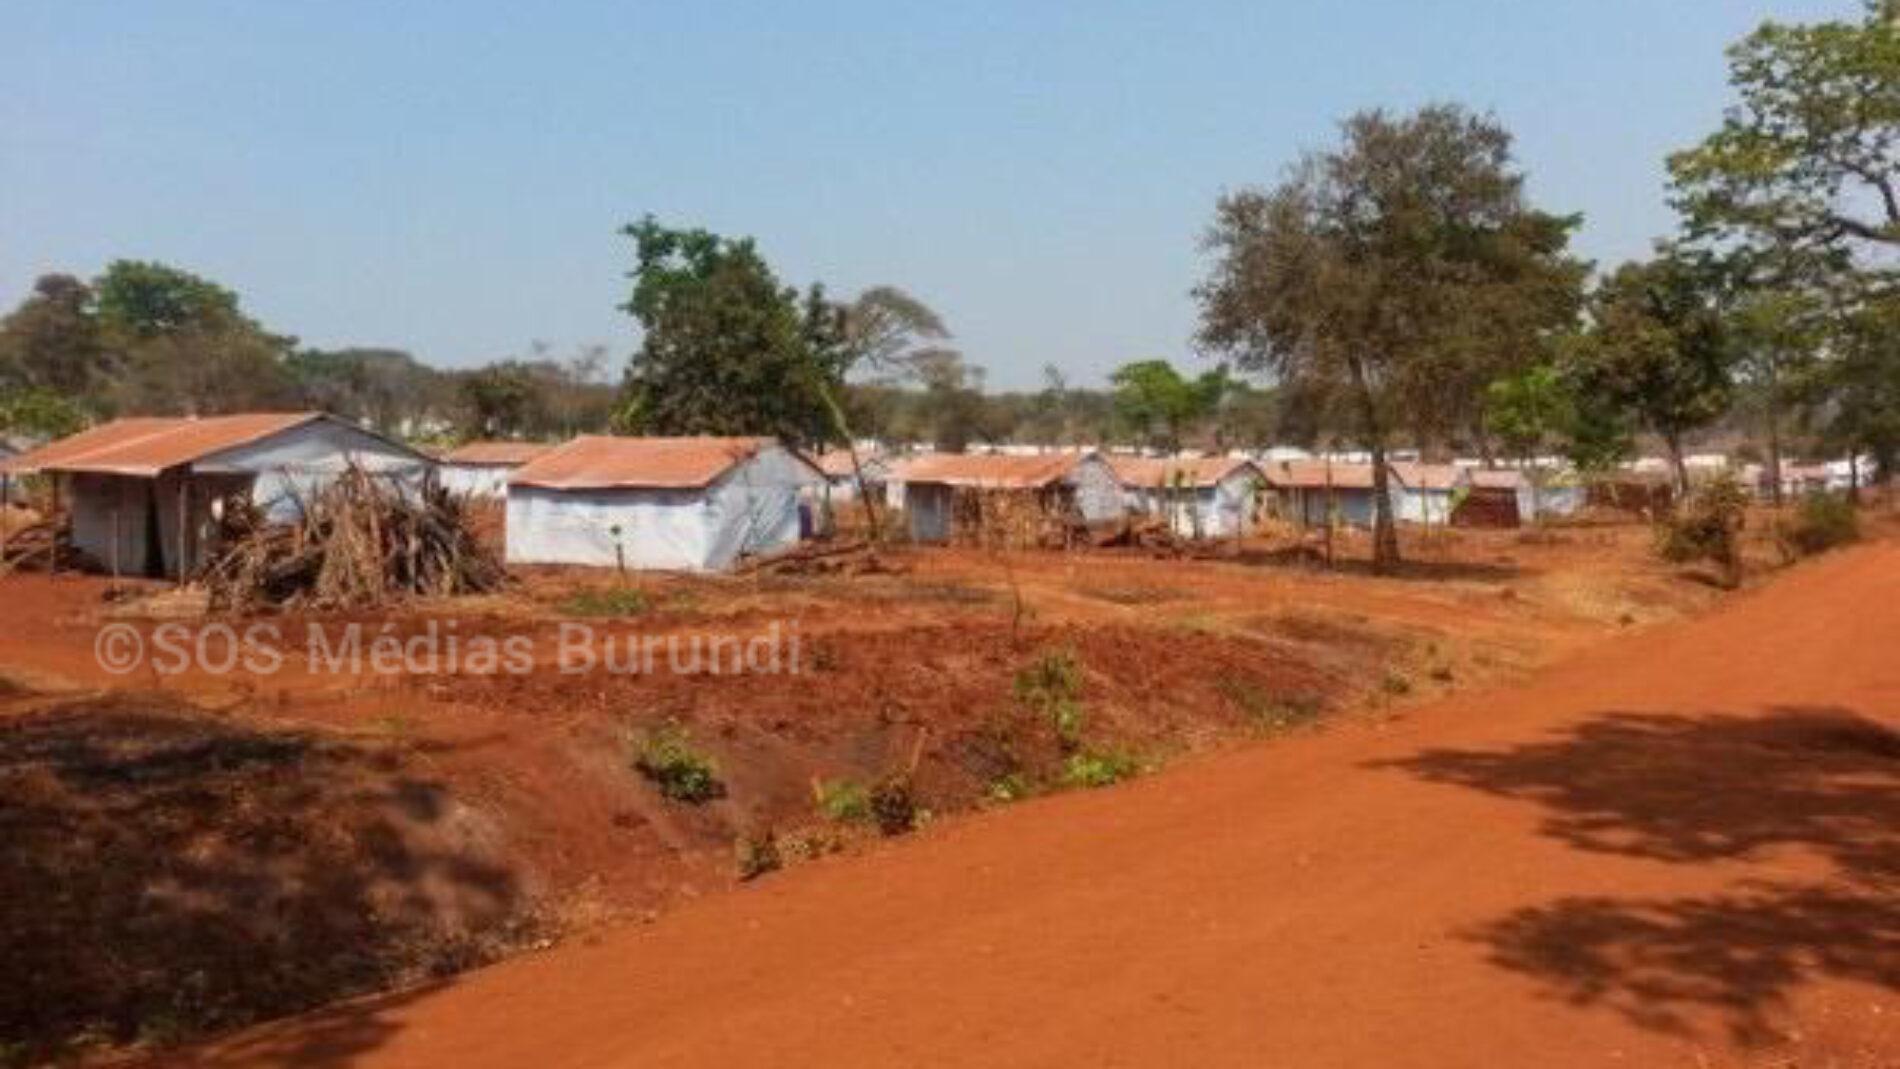 Mtendeli (Tanzanie) : élections de nouveaux chefs de zones